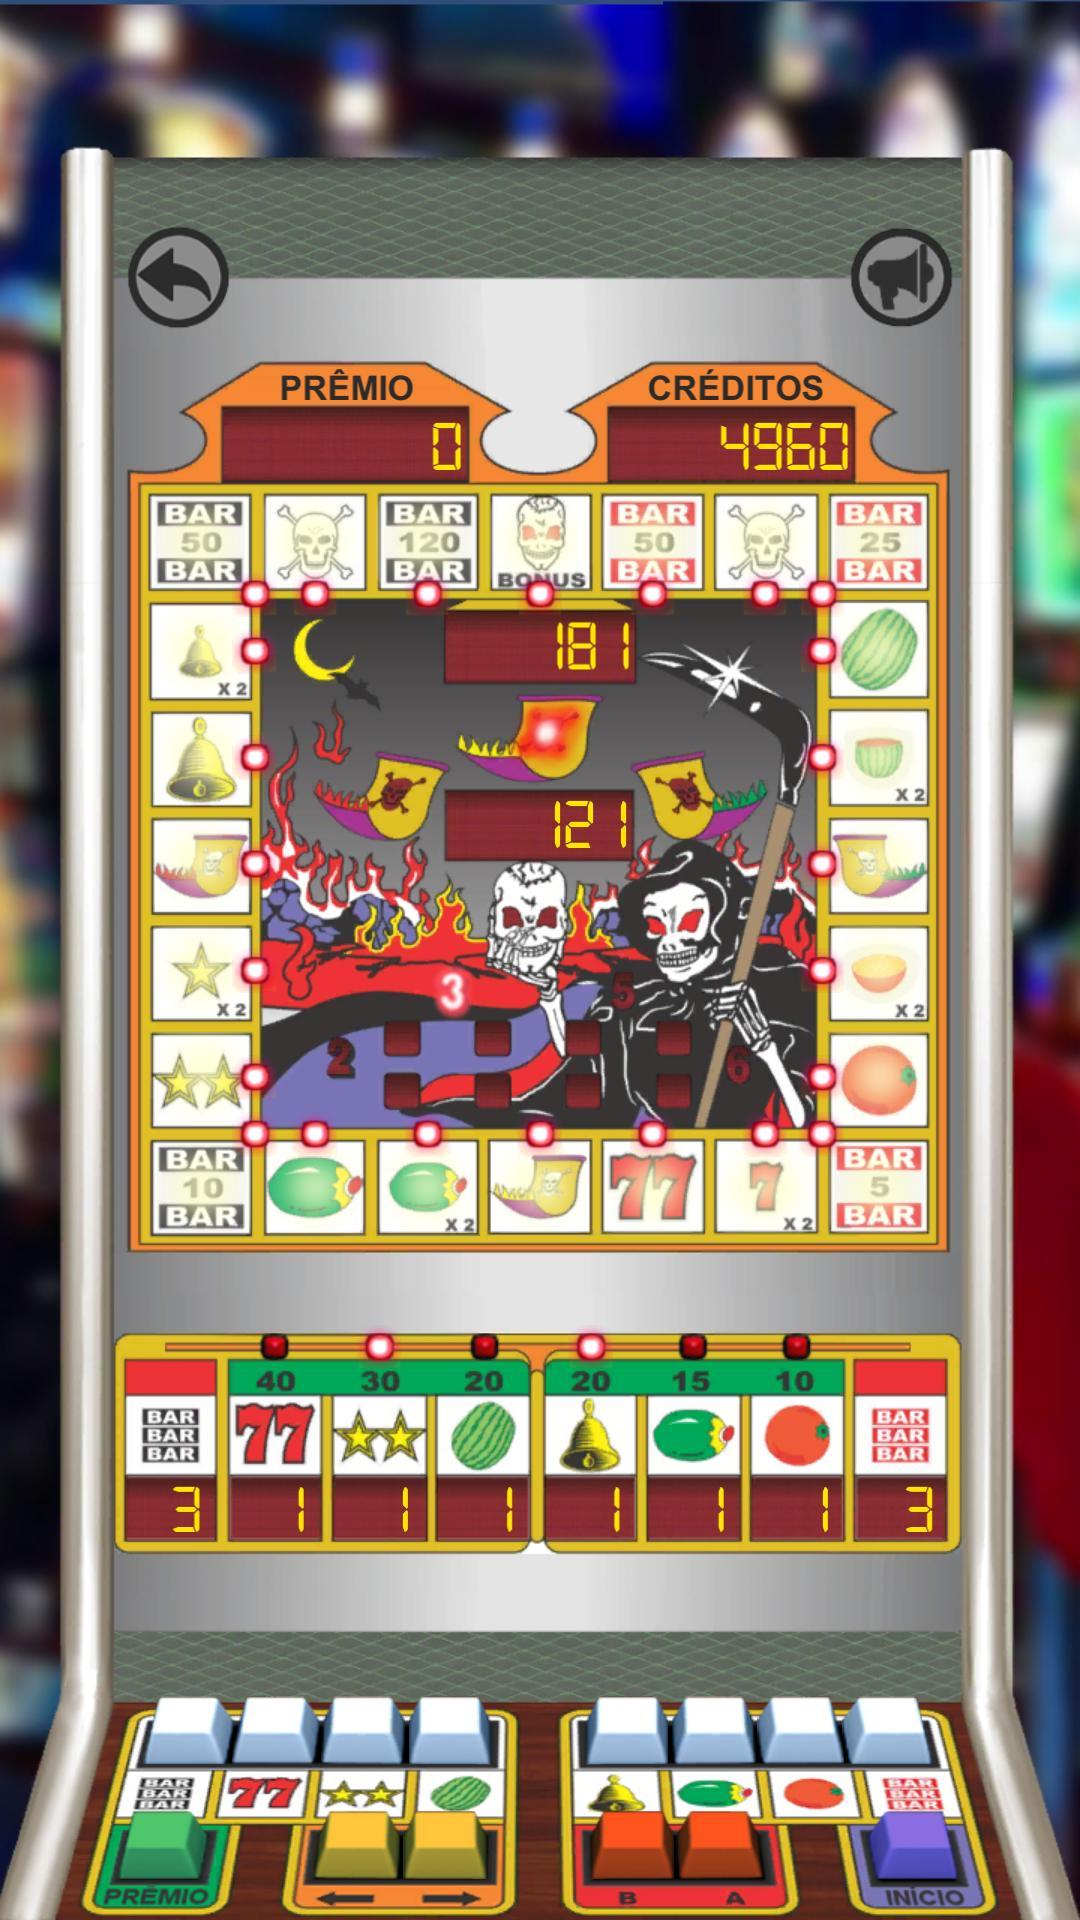 Bingo pelo whatsapp ivanhoe 44492